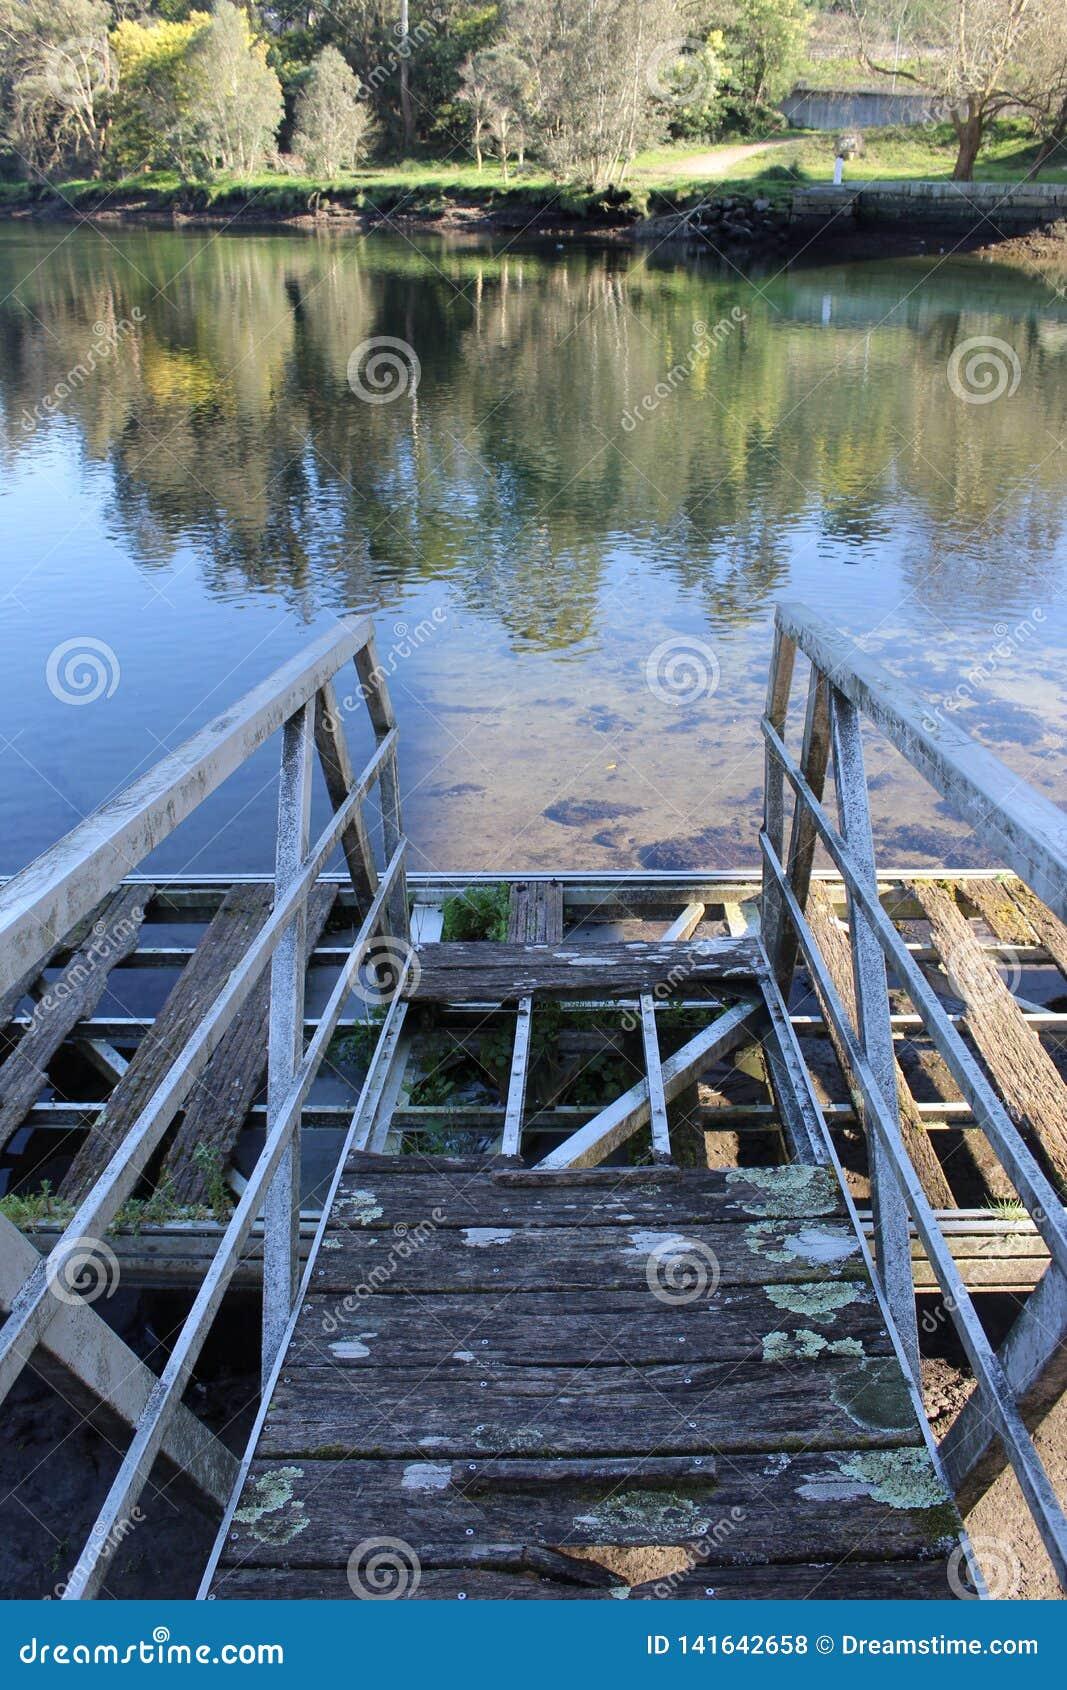 Old boat bridge in Pontevedra